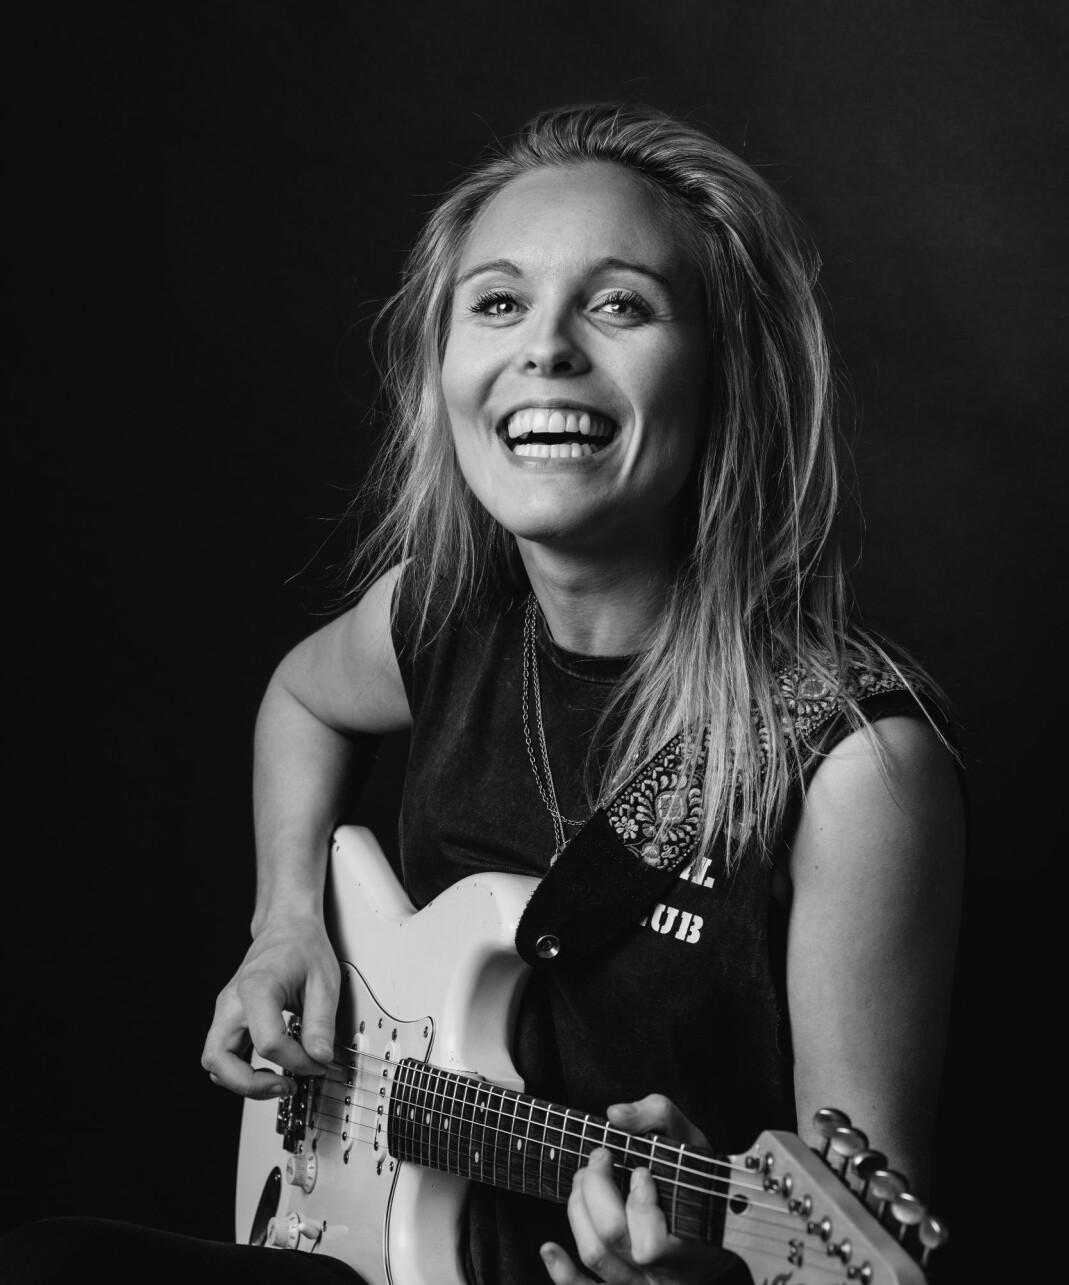 Sanger og låtskriver Tora Dahle Aagård har kanskje kommet litt i skyggen av gitarspilleren. Men med ærlige, ekte og eksplisitte tekster håper hun å få et nytt publikum blant lesbiske.